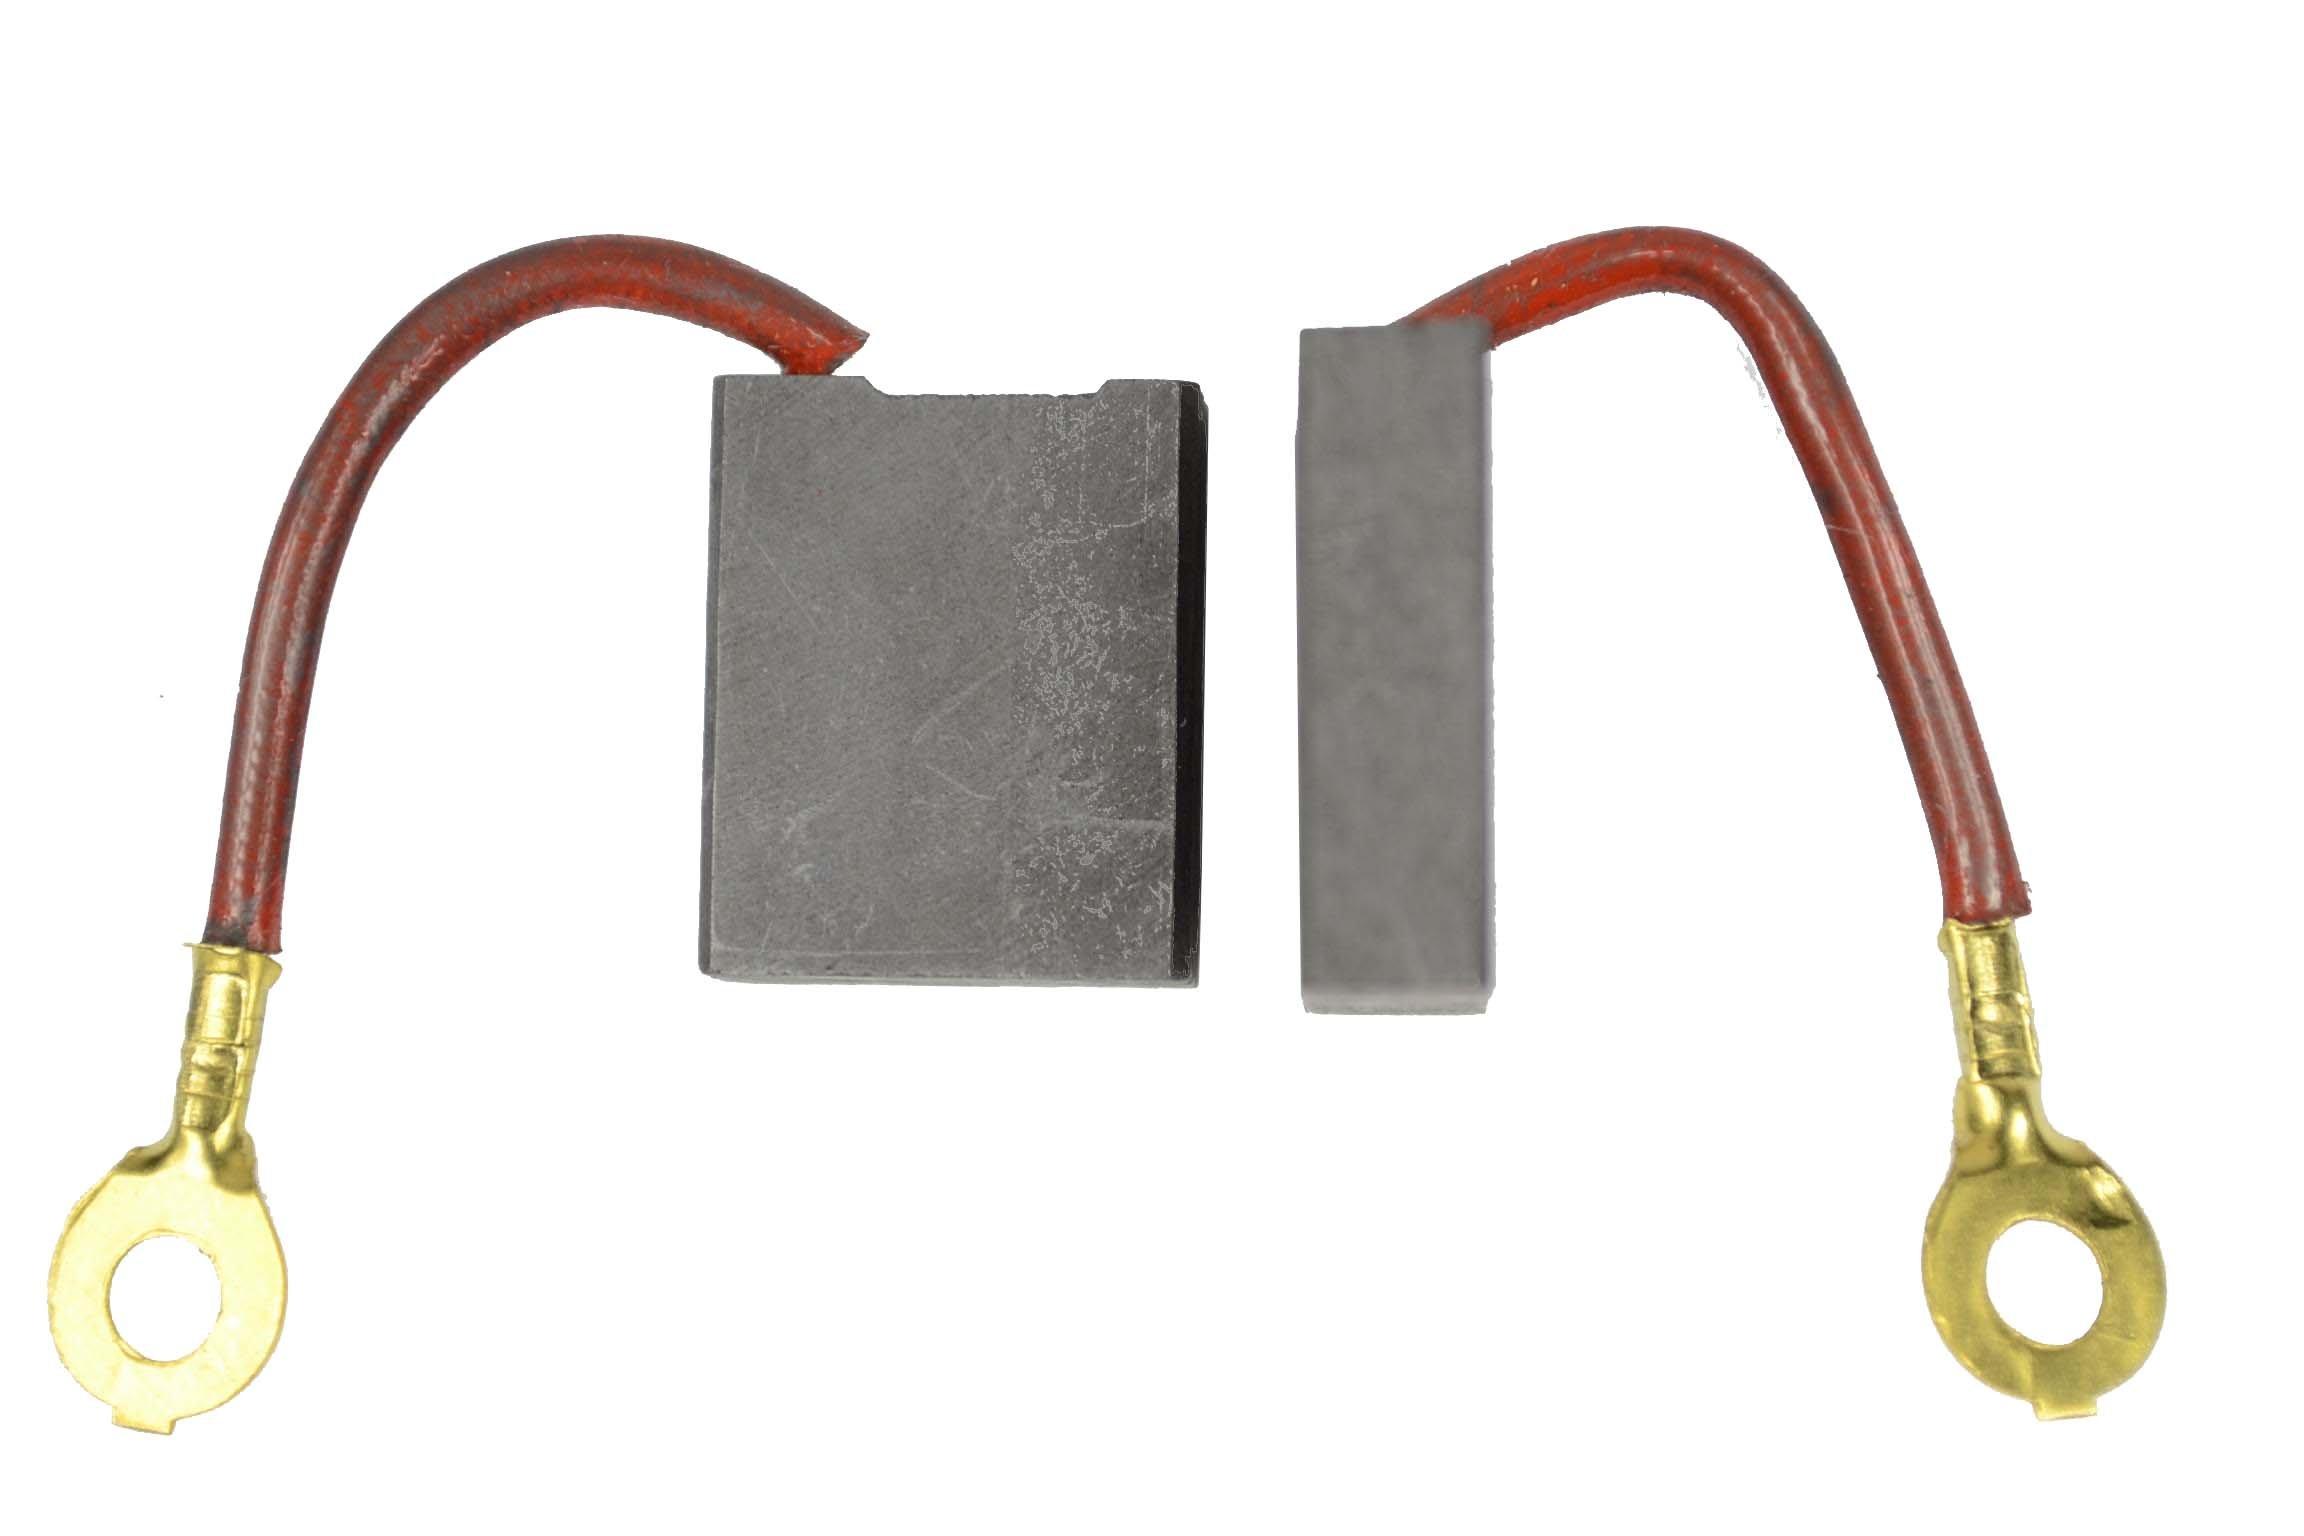 Uhlíkové kefy (20A) 5,3x15.7x20 Falon-Tech Blau